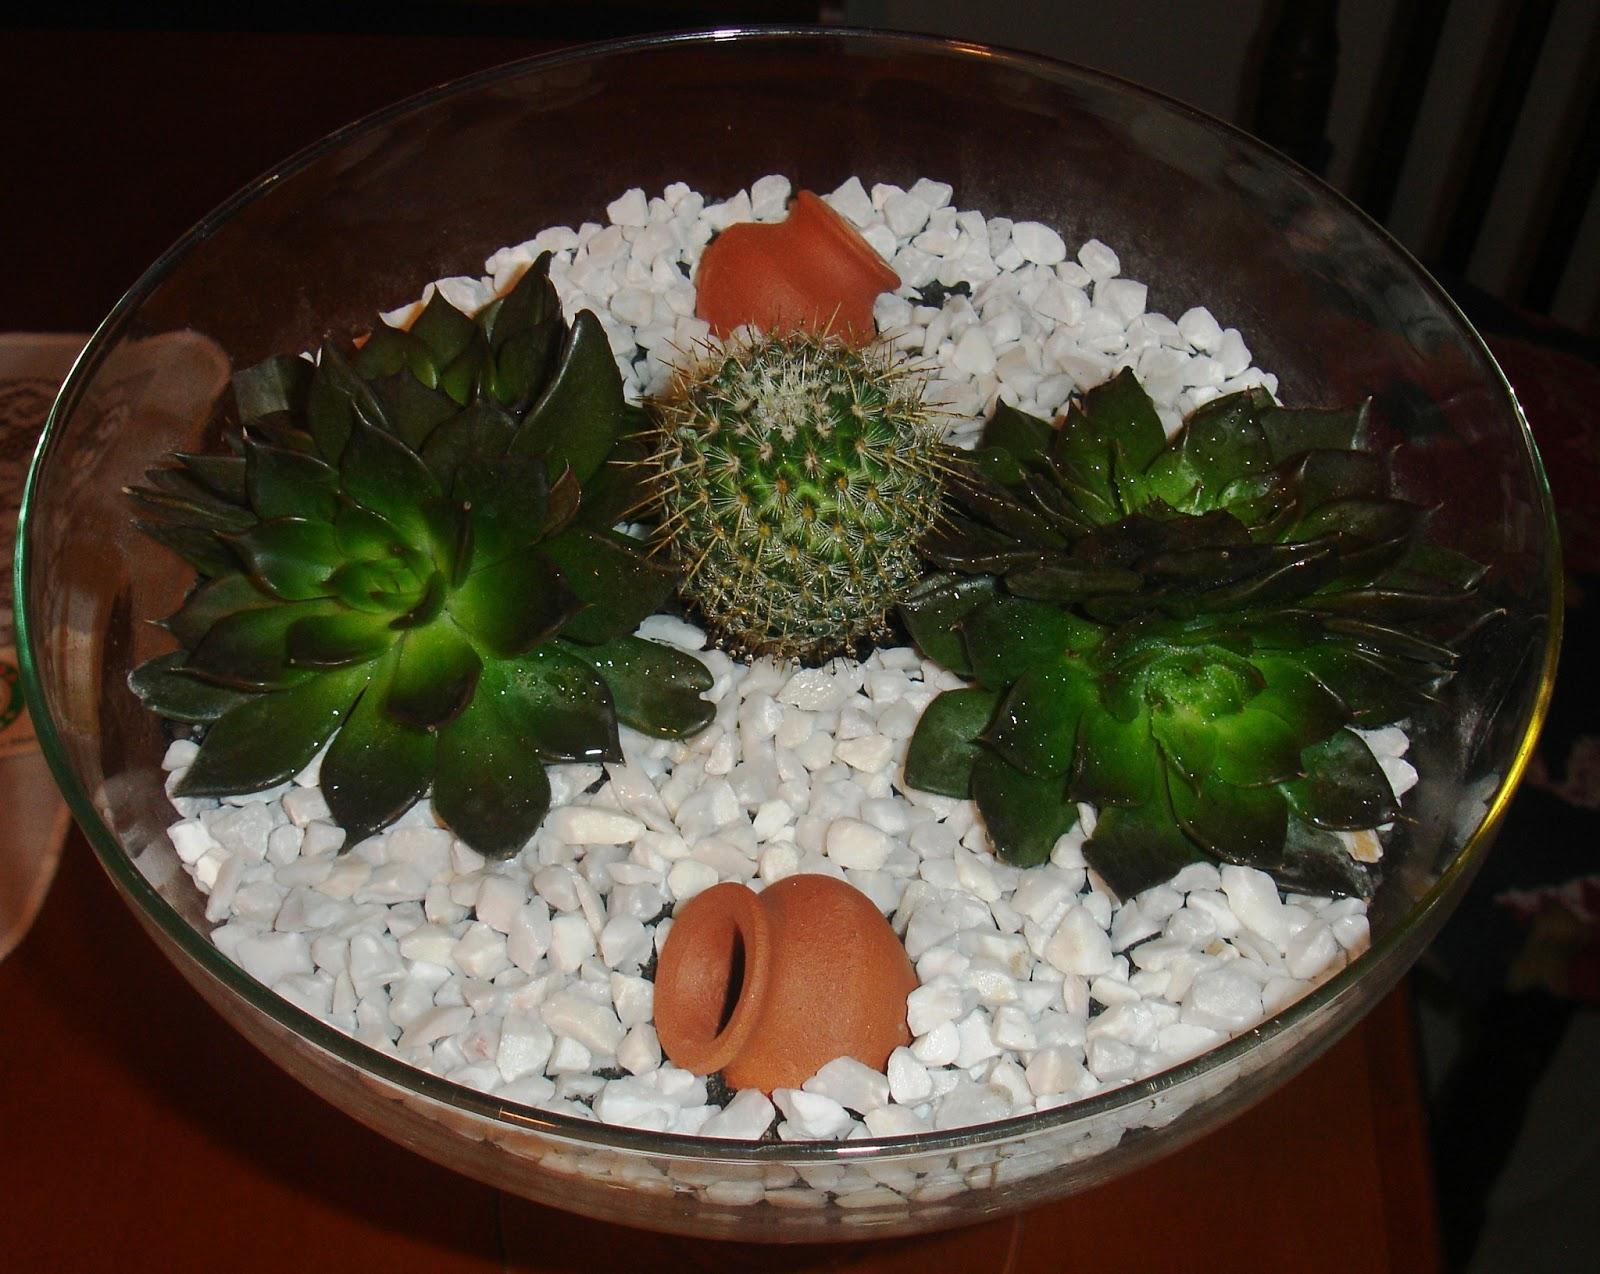 mini jardim suculentas:Inovando com Cactos e Suculentas.: Mini Jardim de Cacto e Suculentas.